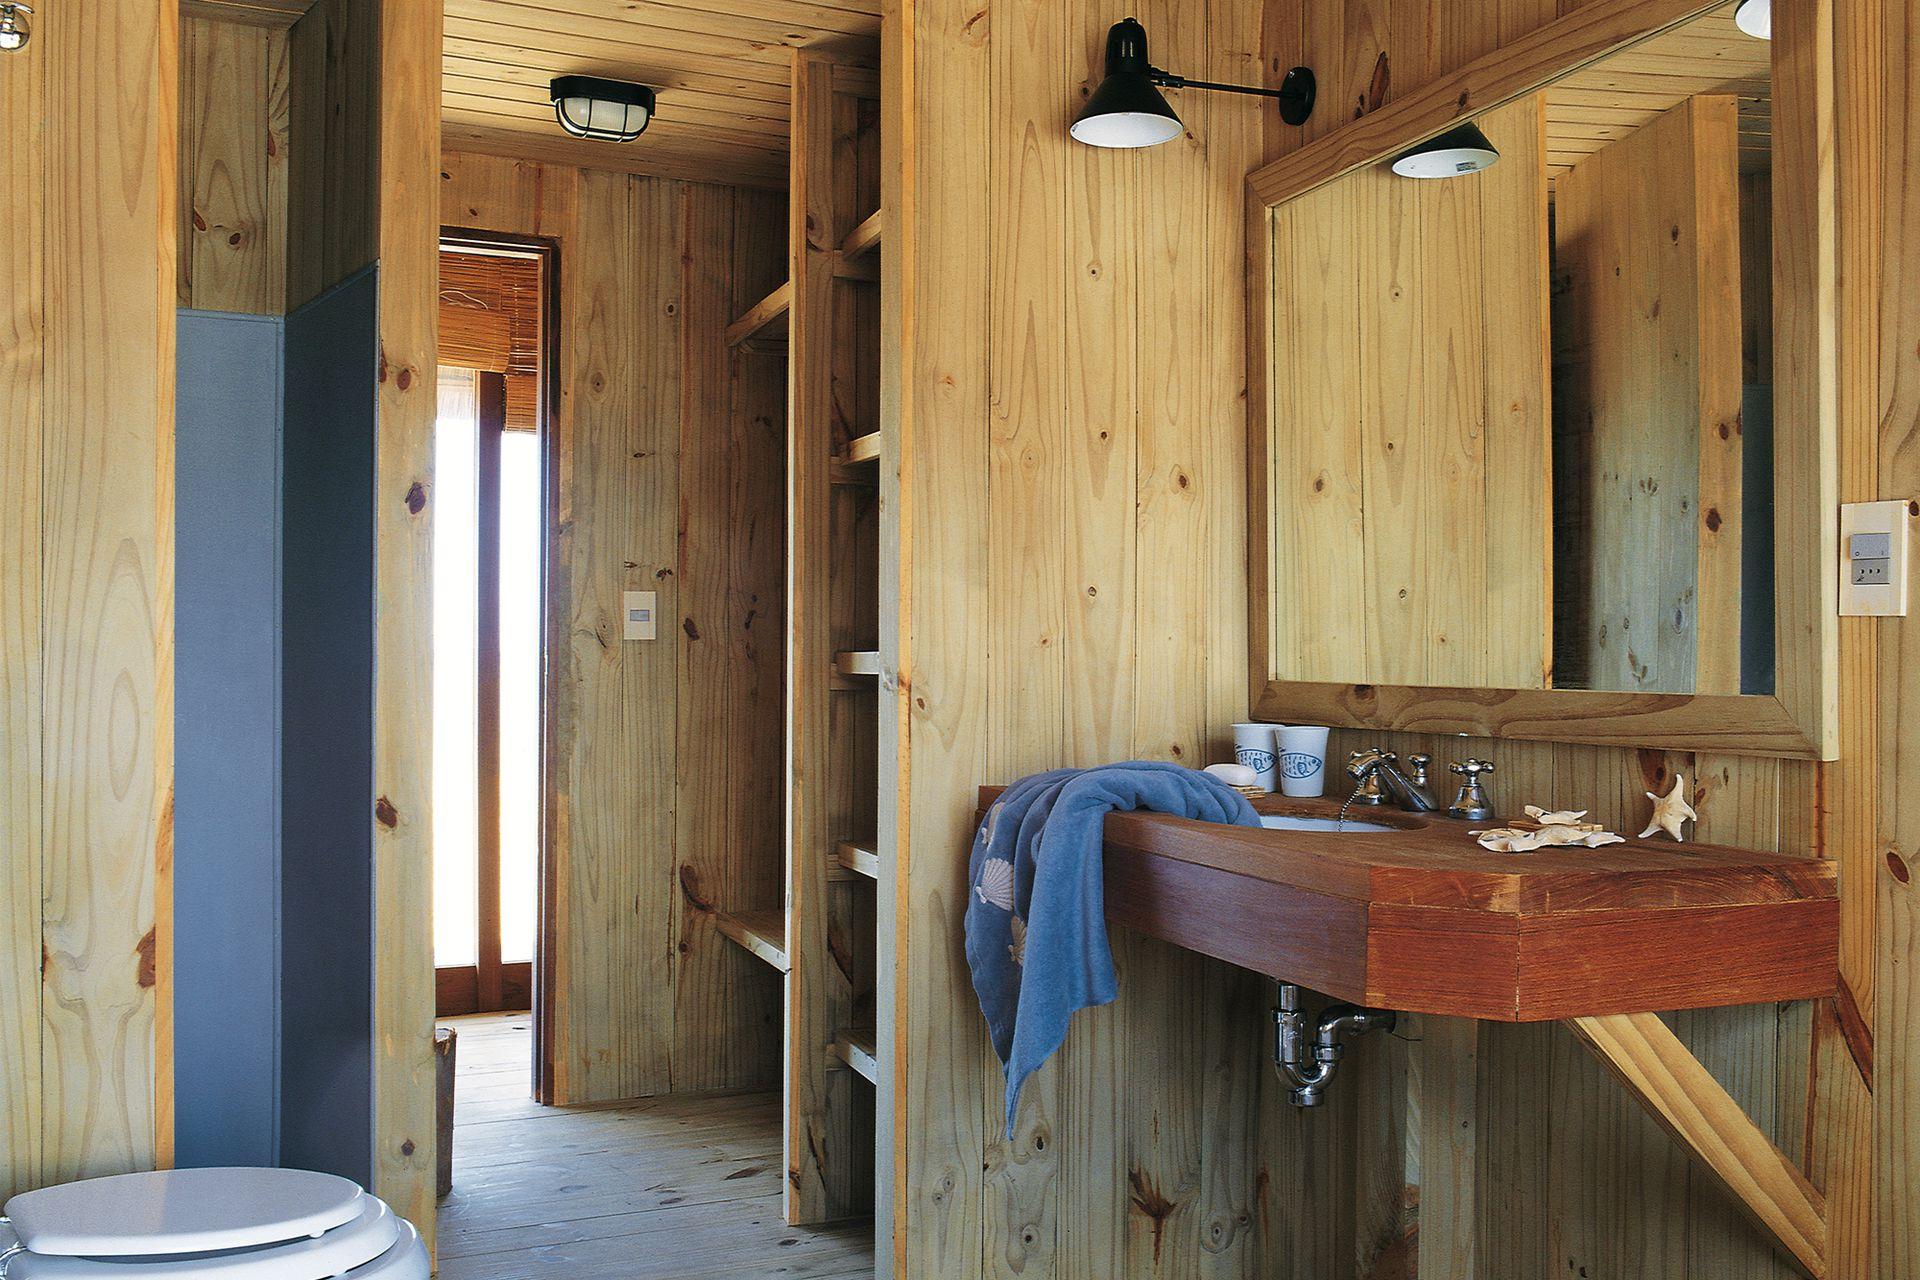 La madera como material estrella también en el baño.